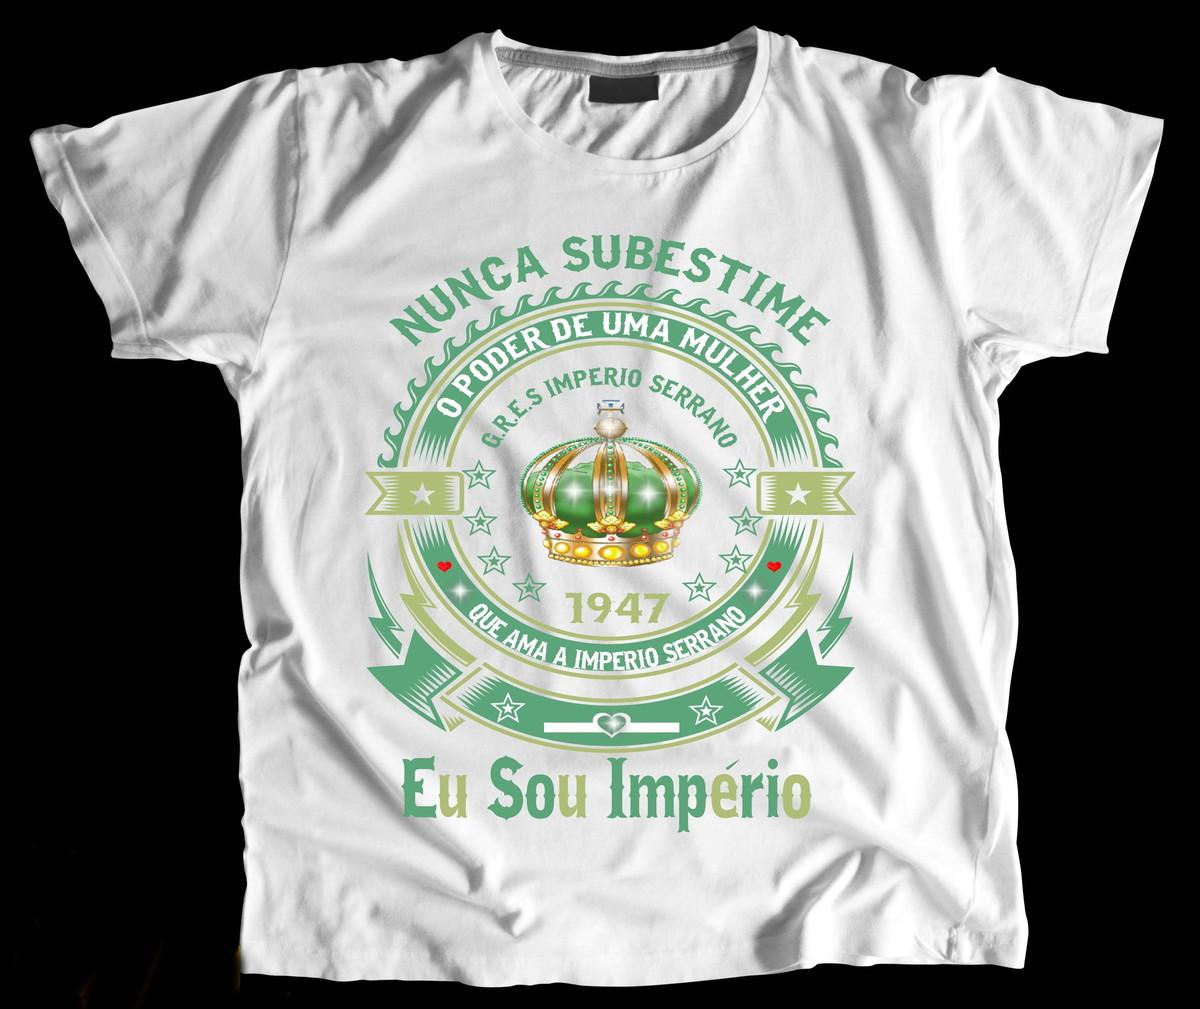 1800aa759 Camiseta Eu Sou Império Serrano no Elo7